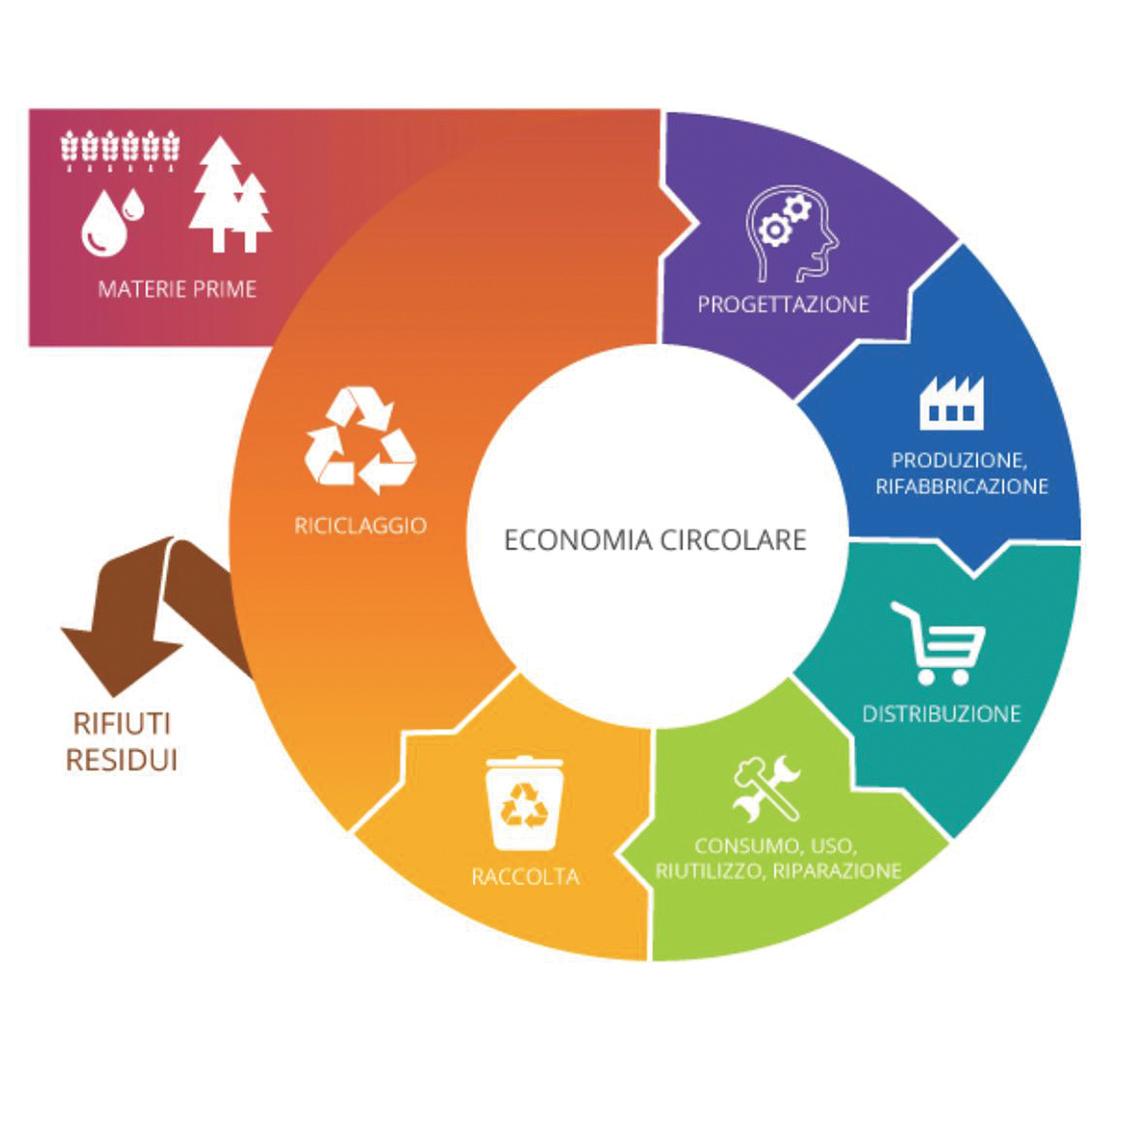 Sviluppo sostenibile ed economia circolare: significato ed esempi